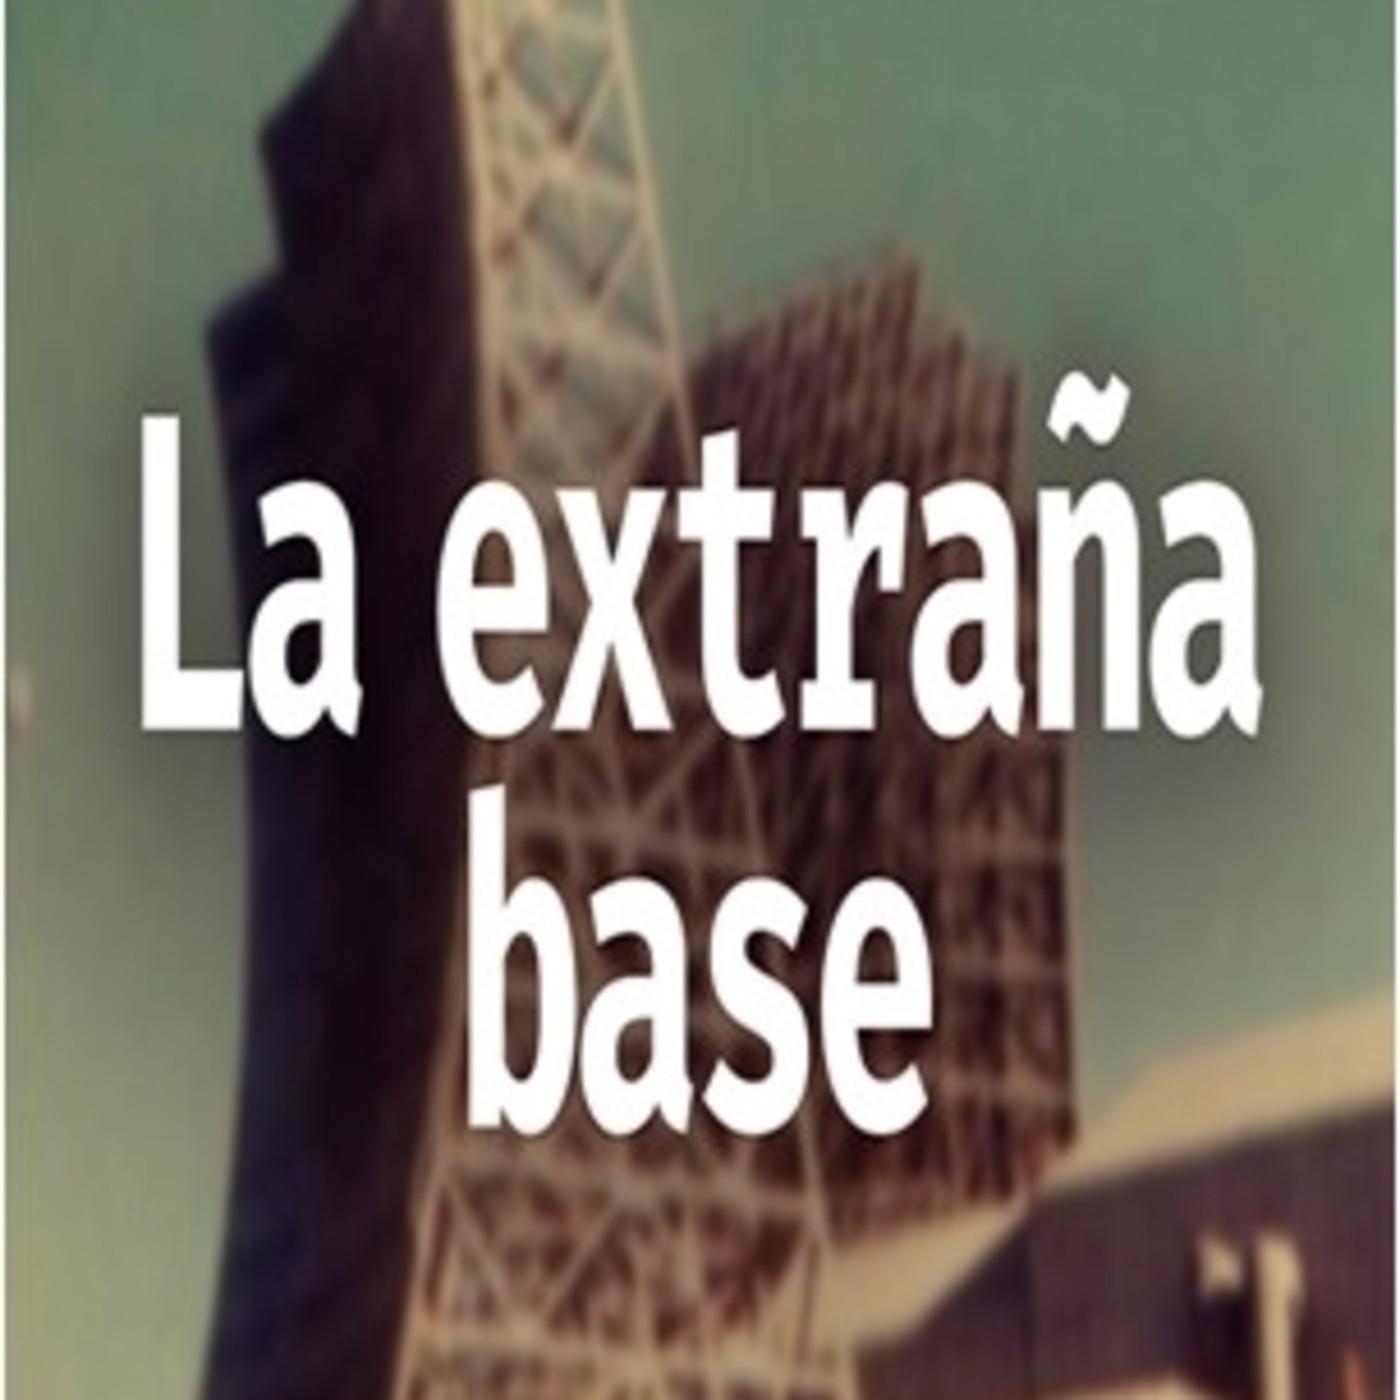 Cuarto milenio: La extraña base en Cuarto Milenio (Oficial) en mp3 ...